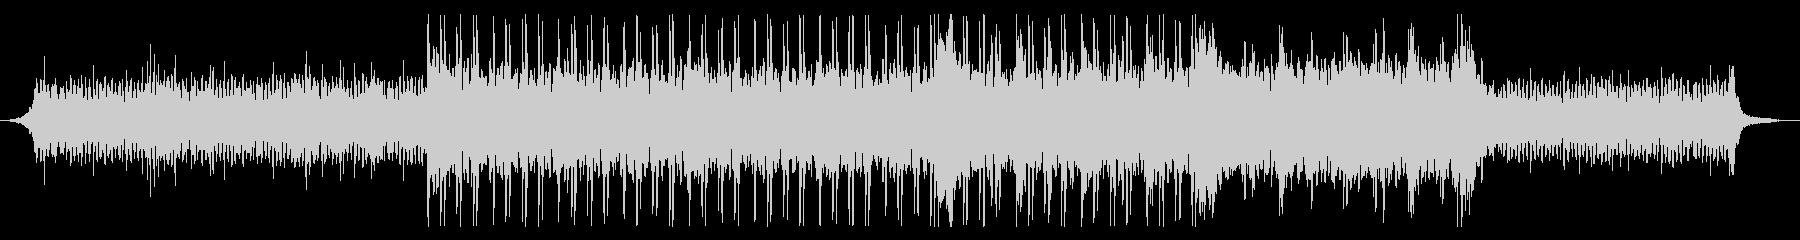 和風楽器・スローなヒップホップの未再生の波形